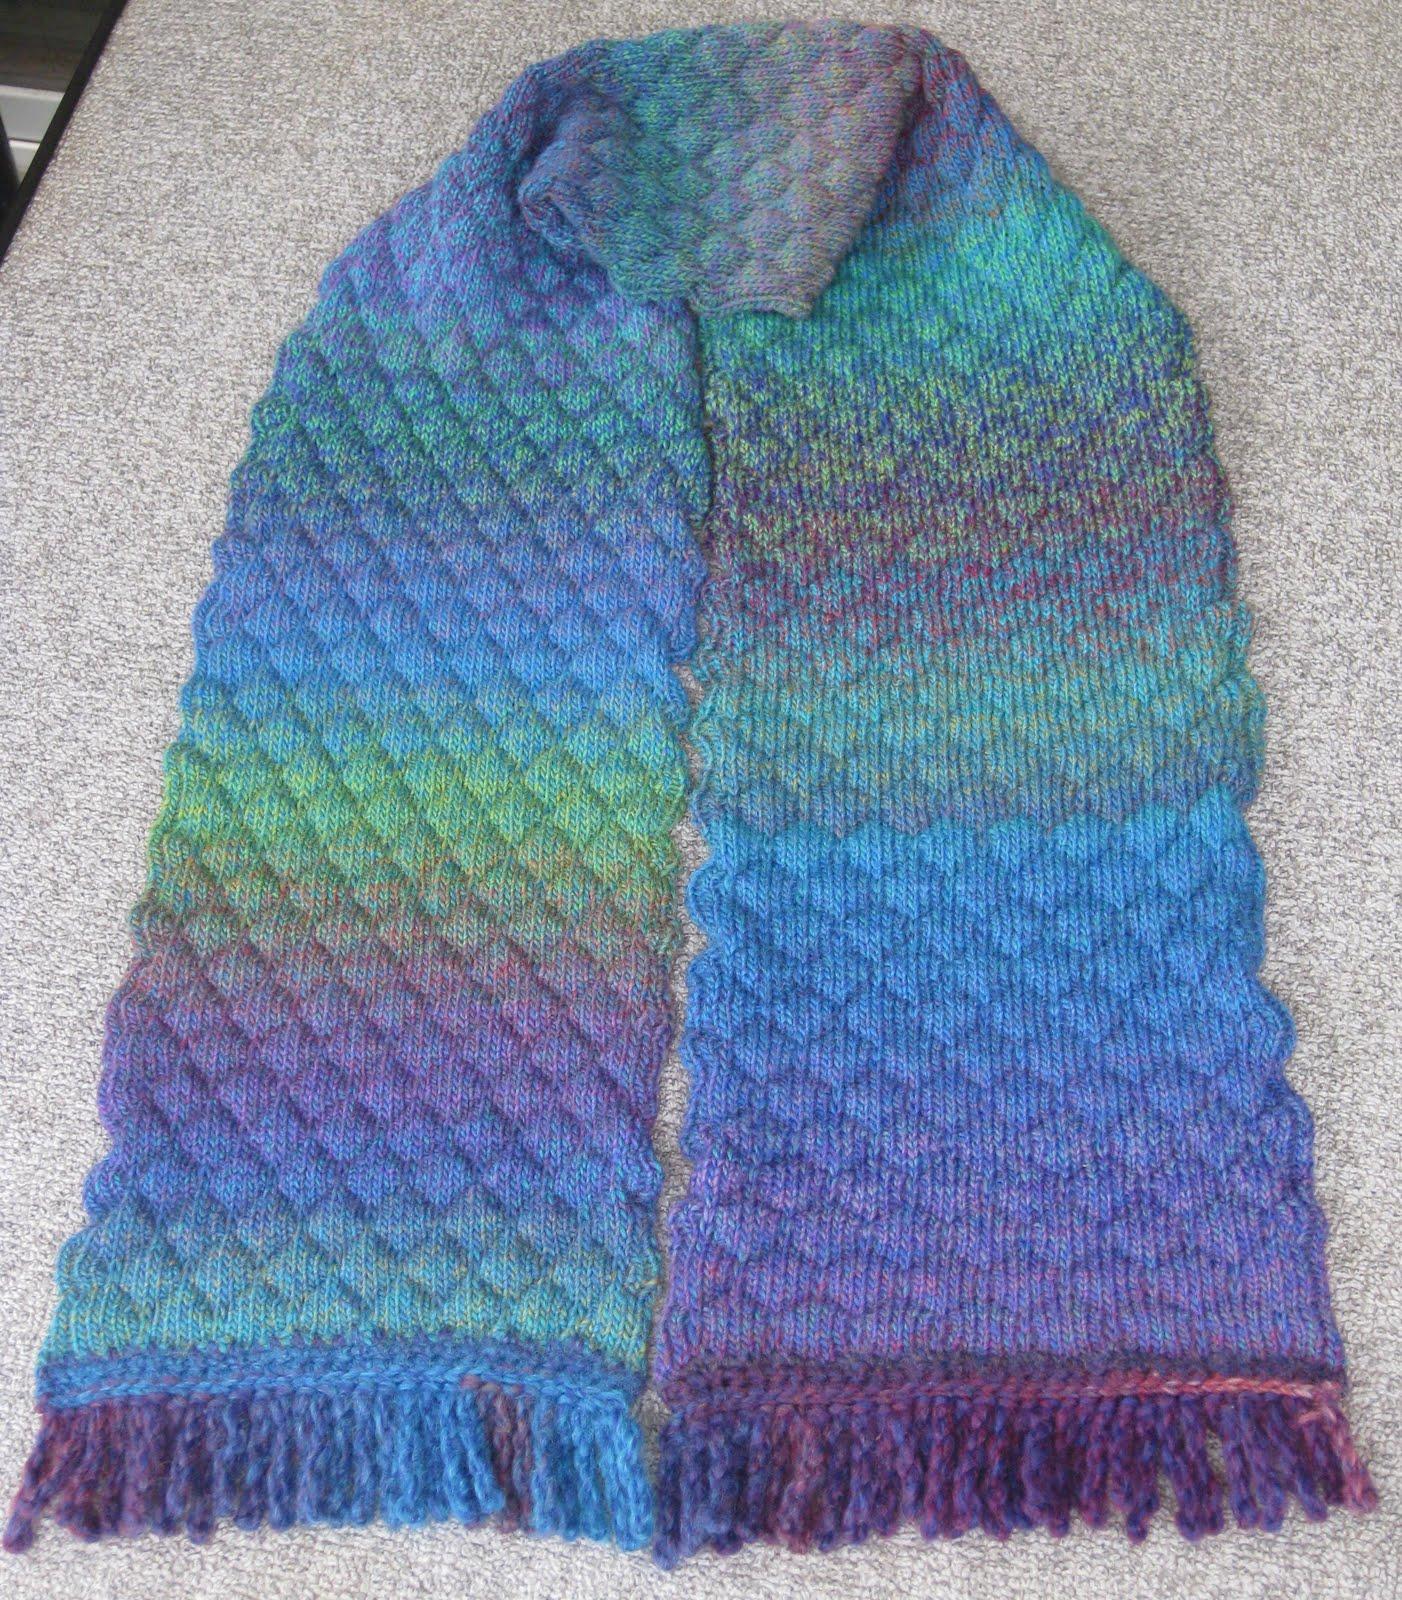 knitting machine patterns machine knitting fun iyhqrkl